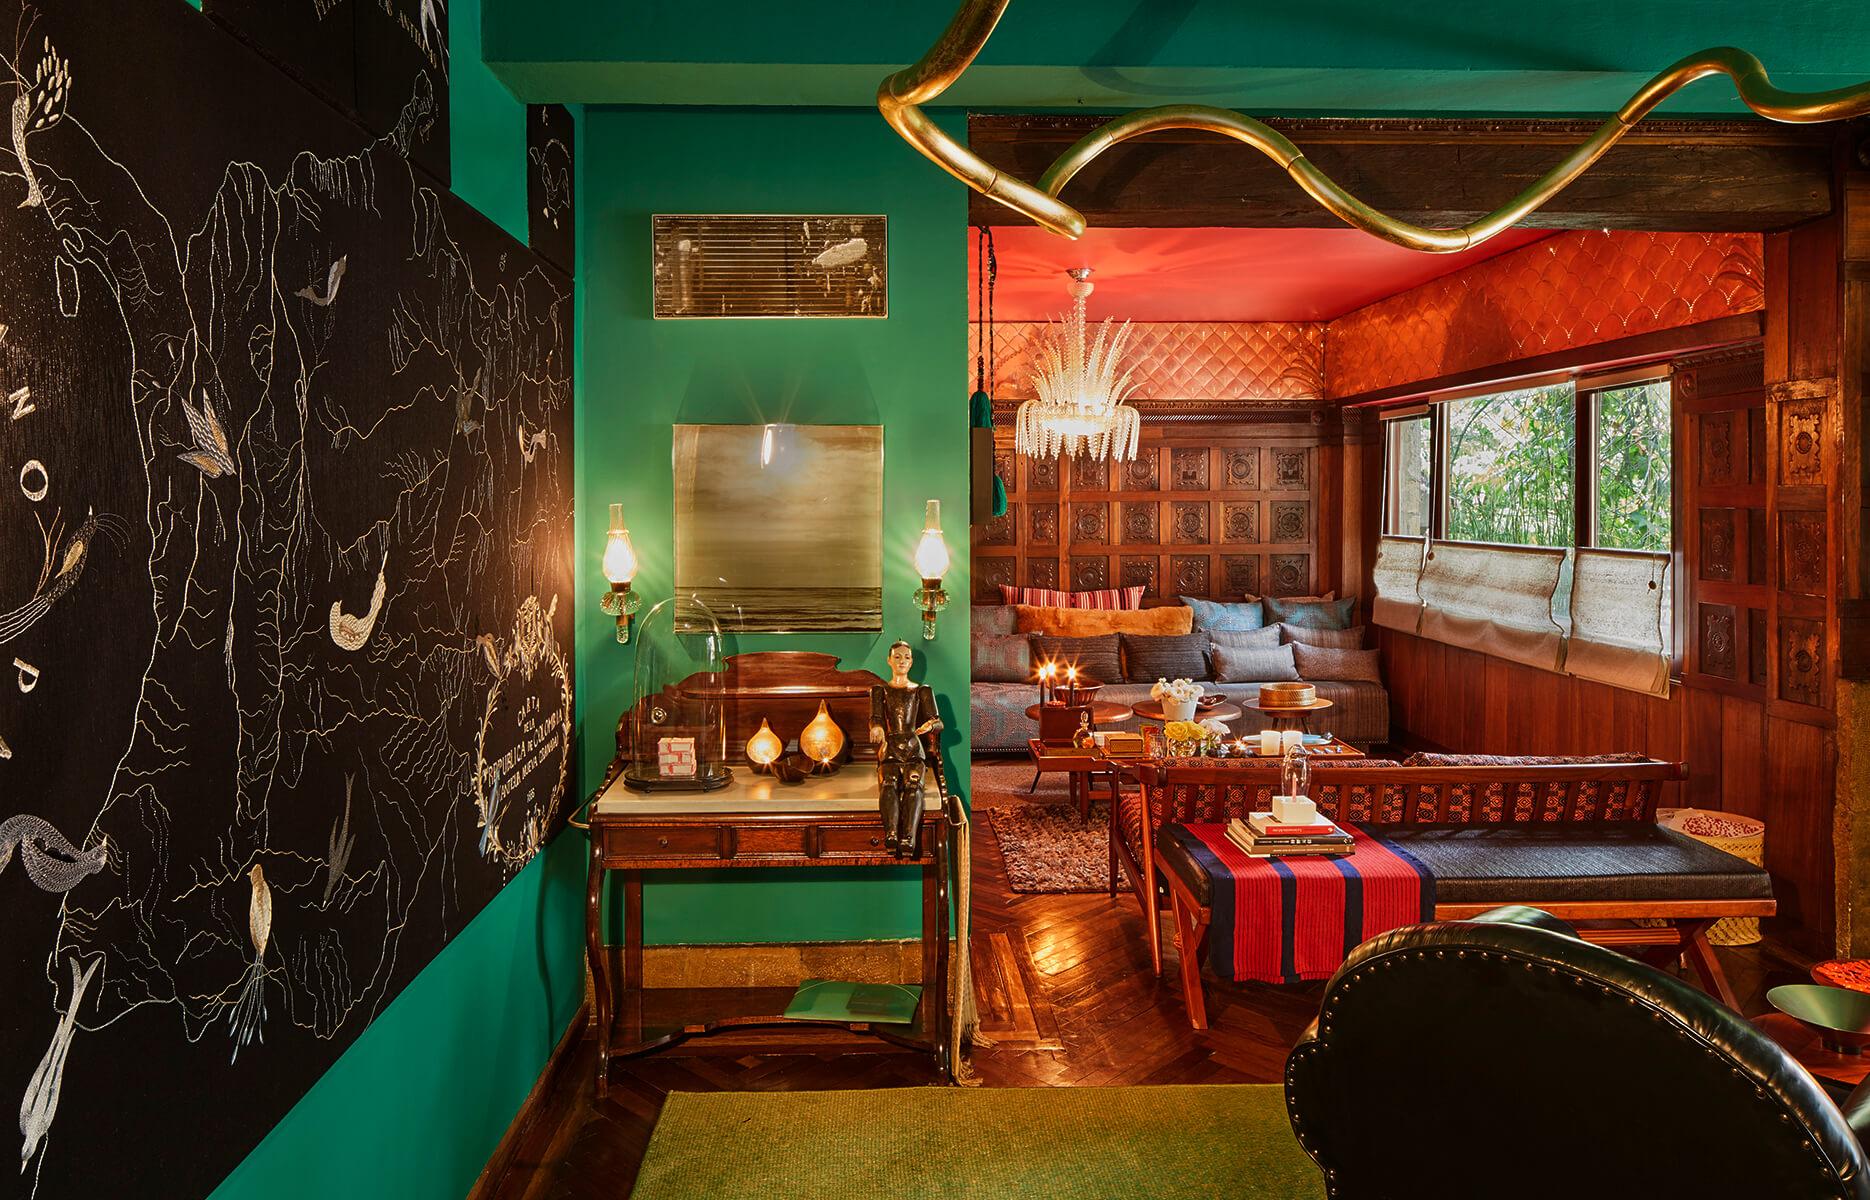 <a href='https://revistaaxxis.com.co/diseno-de-autor-la-casa-de-jorge-lizarazo-en-bogota/'><h2>Diseño de autor</h2>Ubicado en un edificio de patrimonio histórico en el norte de Bogotá–construido en 1939–, este apartamentoestá lleno de historia, arte y color.</a>